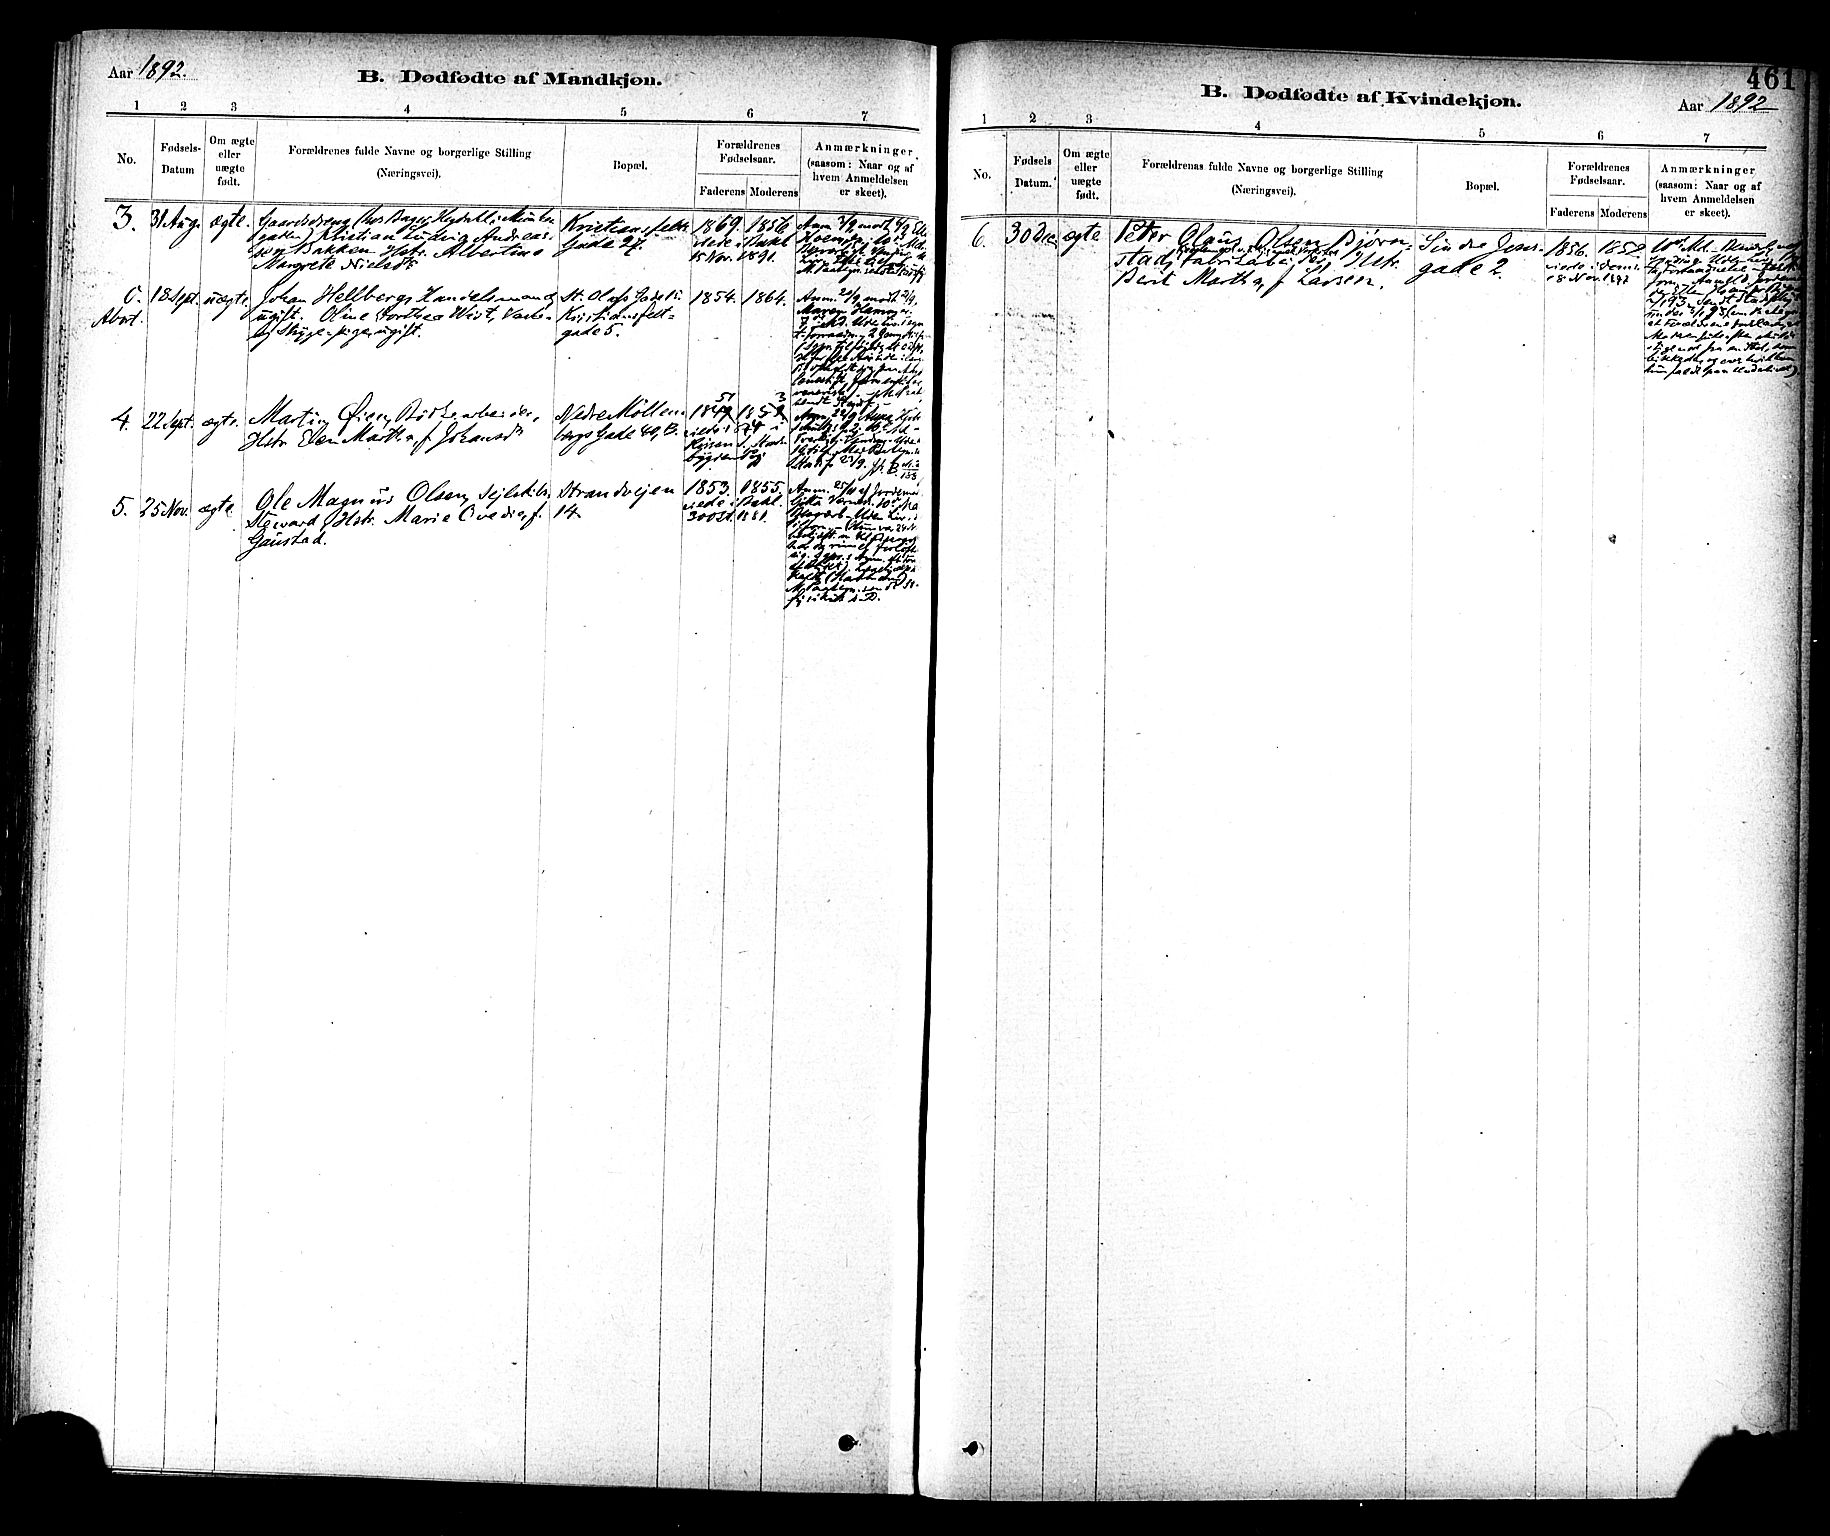 SAT, Ministerialprotokoller, klokkerbøker og fødselsregistre - Sør-Trøndelag, 604/L0188: Ministerialbok nr. 604A09, 1878-1892, s. 461